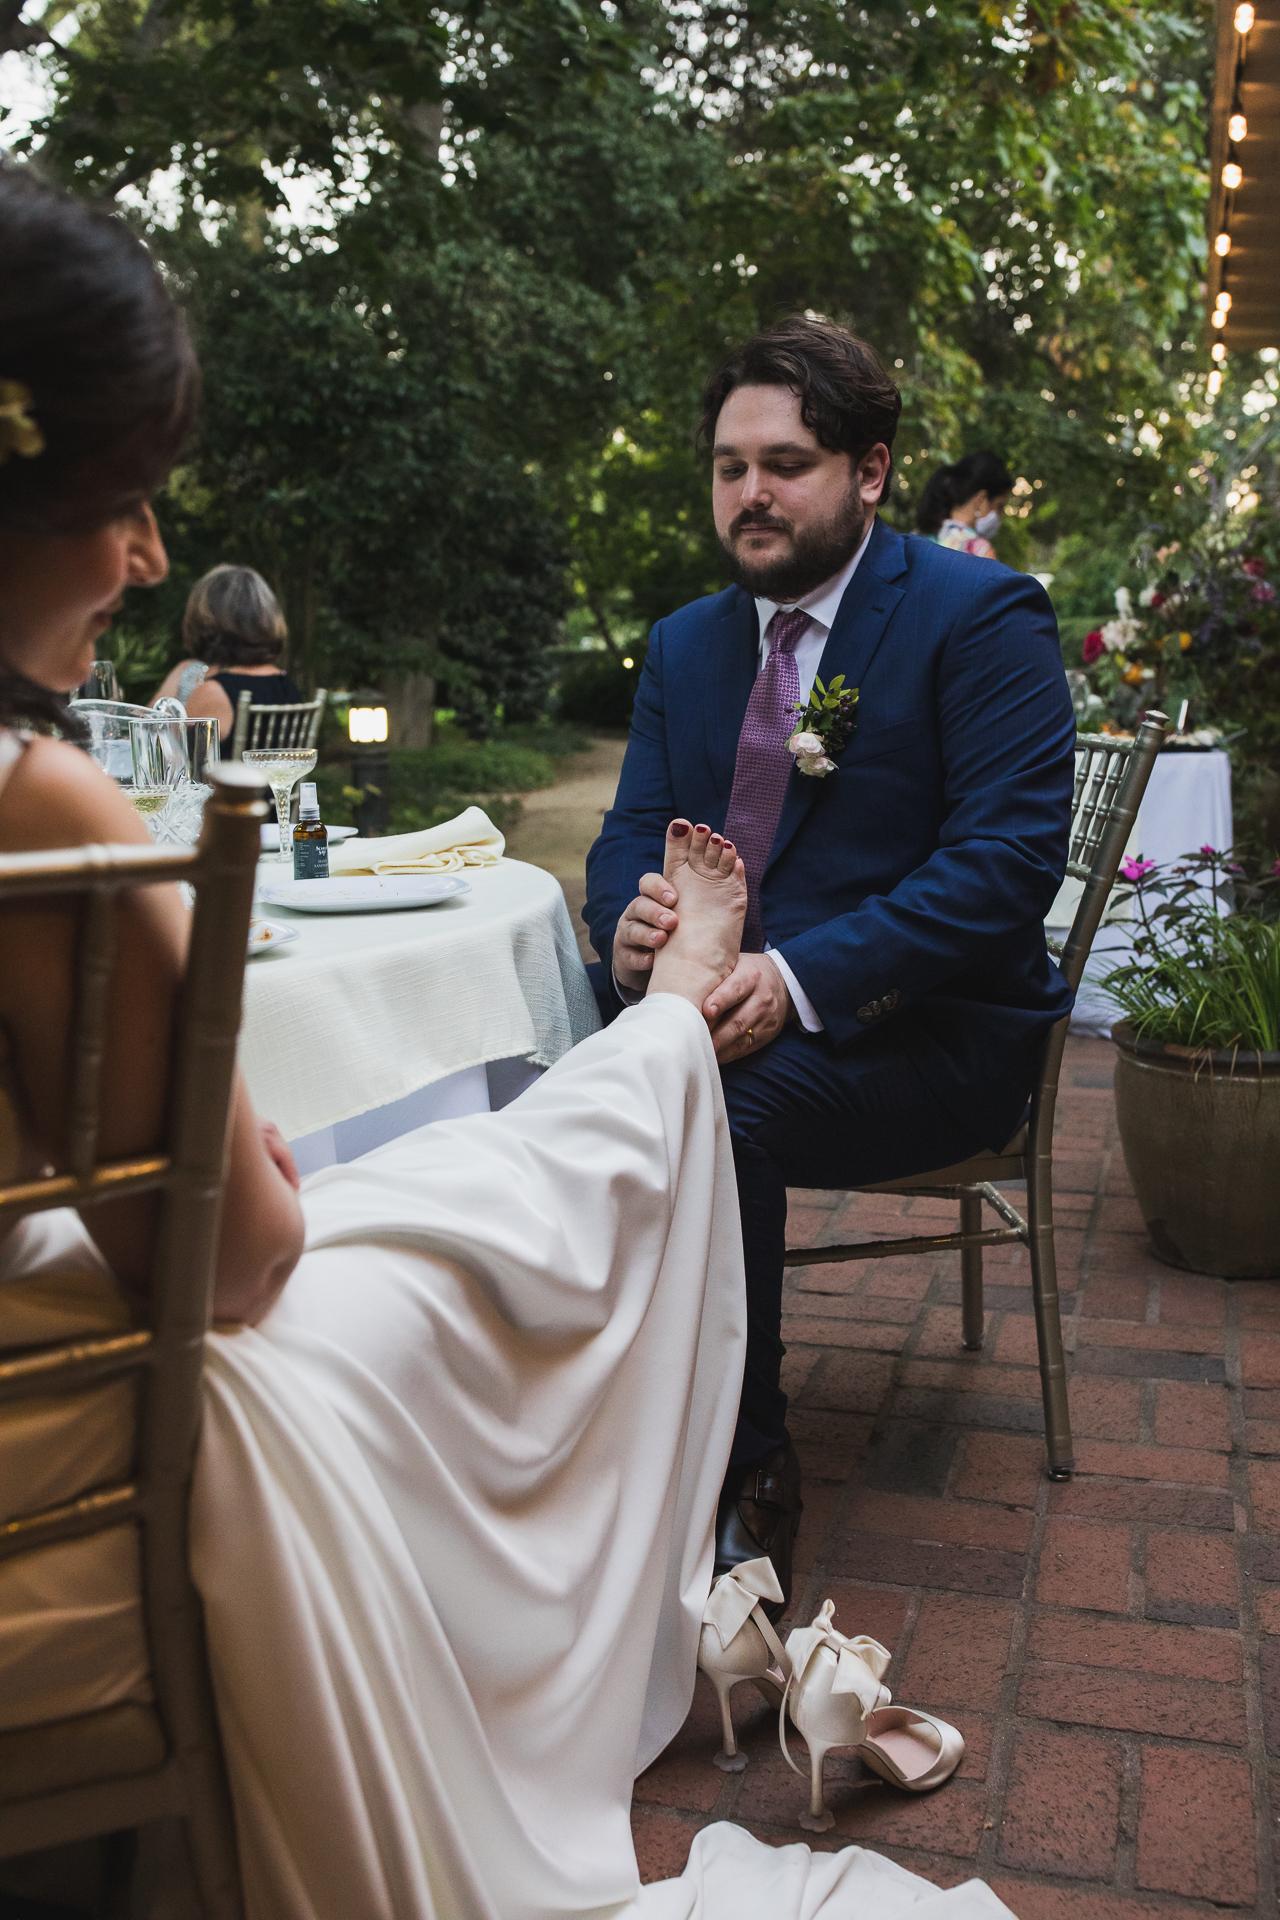 Fotografía de bodas en Elizabeth Gamble Gardens | La novia llevaba unos increíbles tacones de aguja.